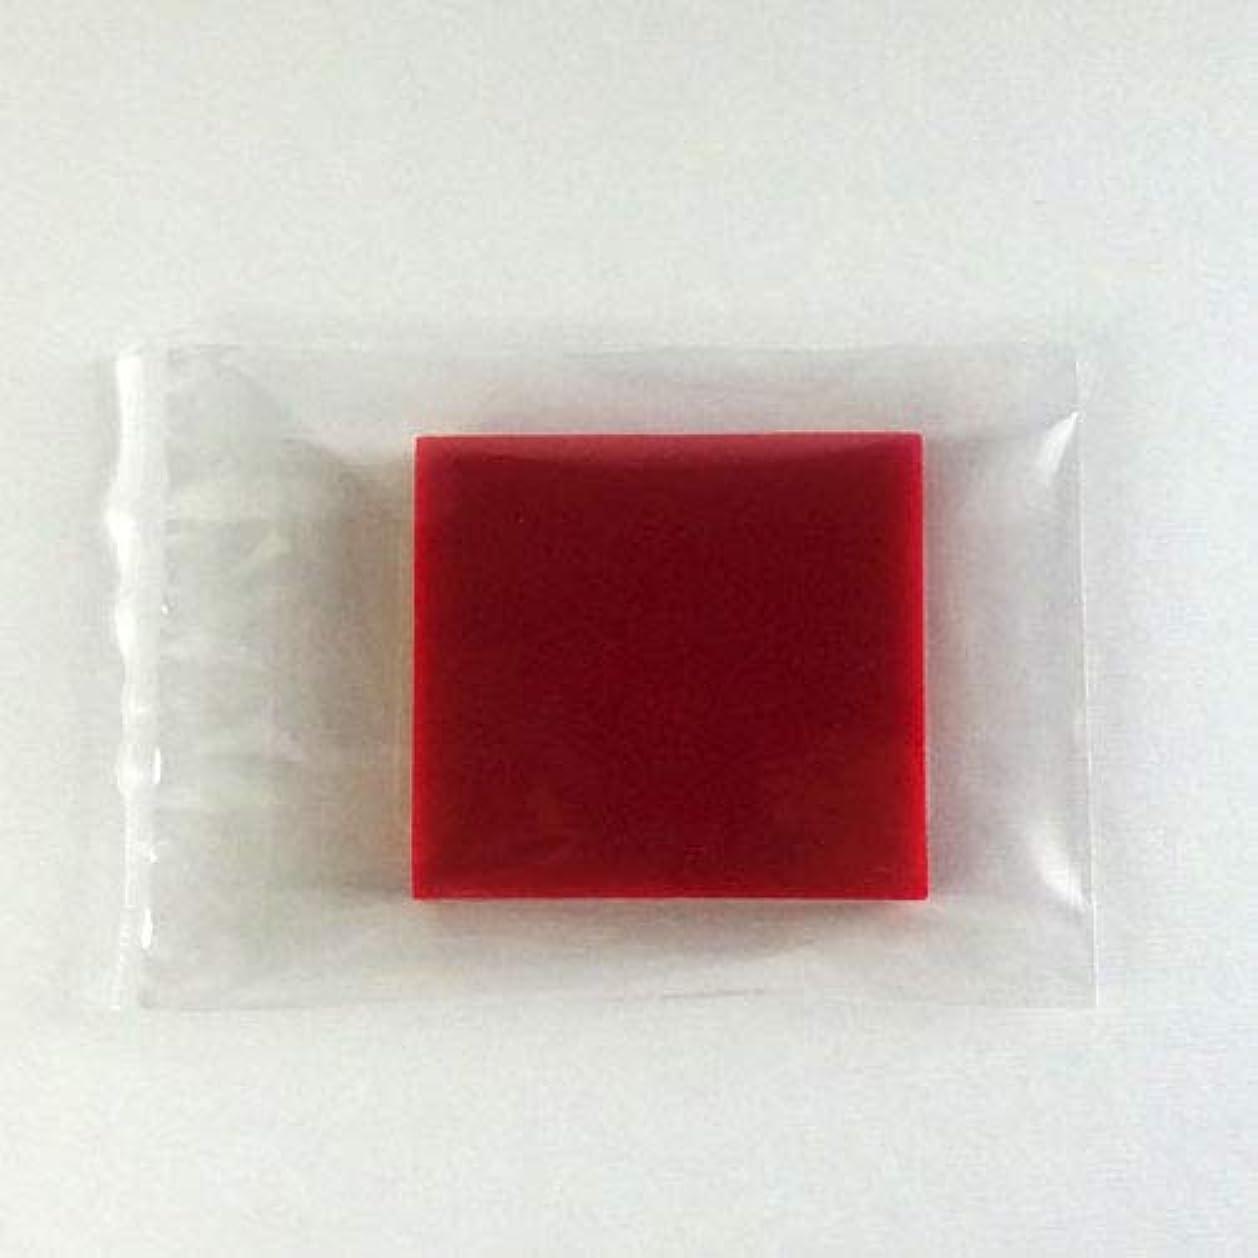 タールヒューマニスティック海藻グリセリンソープ MPソープ 色チップ 赤(レッド) 30g